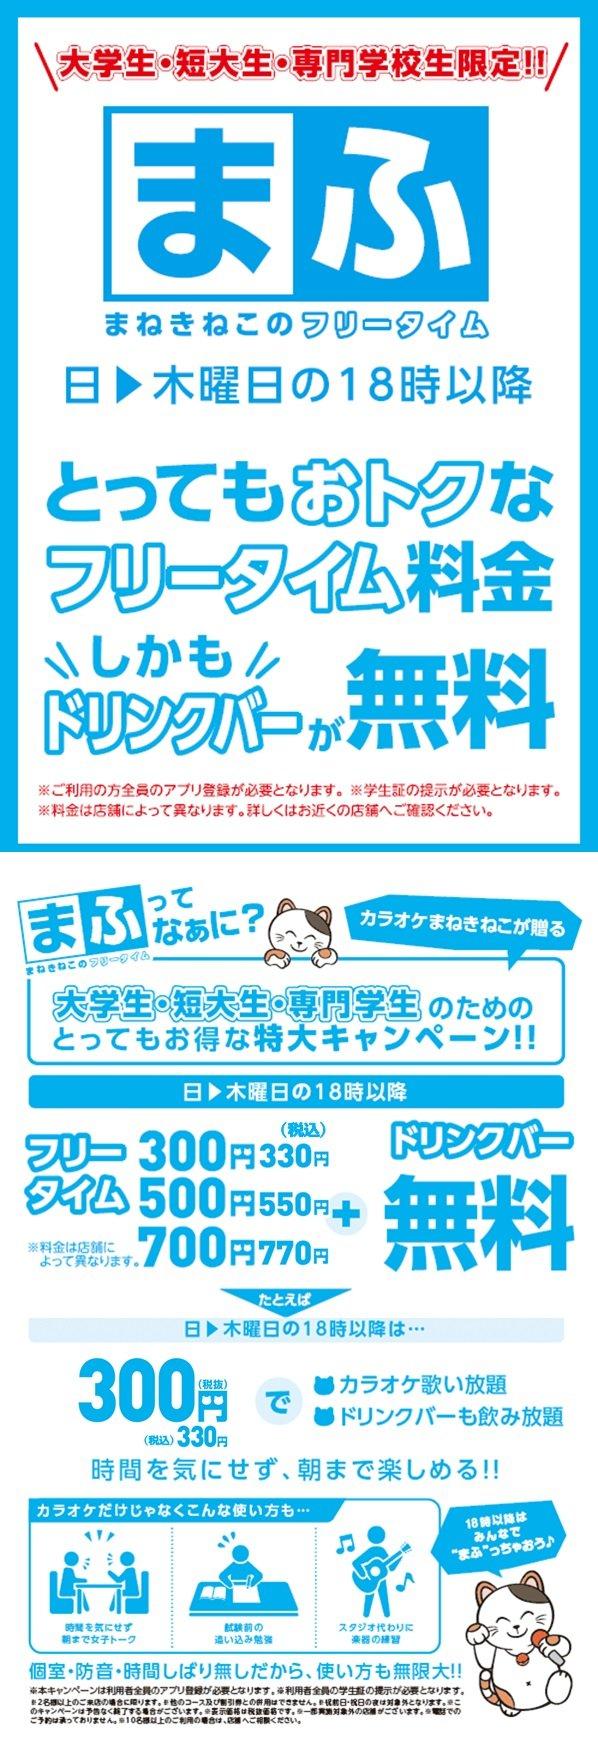 カラオケまねきねこの大学生・専門学生限定企画【 ま ふ 】!のキャンペーン・フェアの詳細